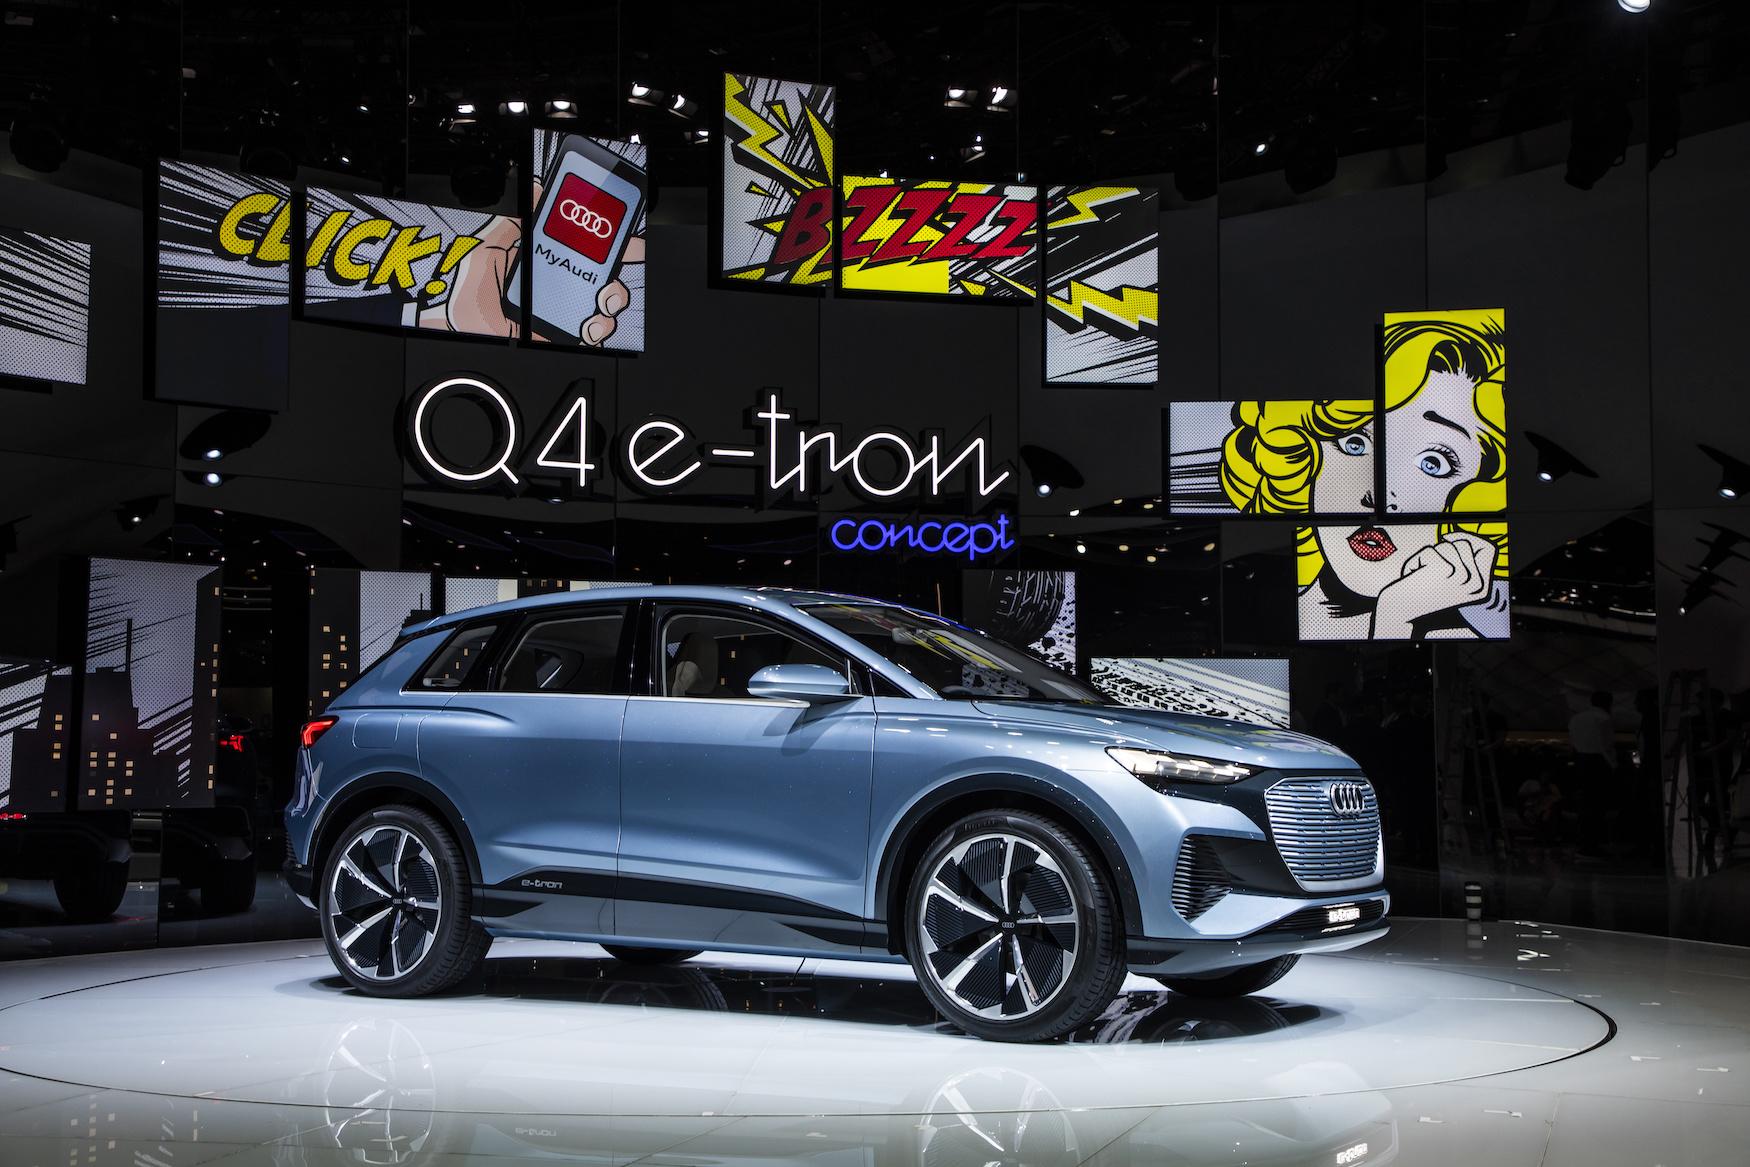 Il debutto della Q4 e-tron concept al Salone dell'automobile di Ginevra di questa primavera. (AUDI)